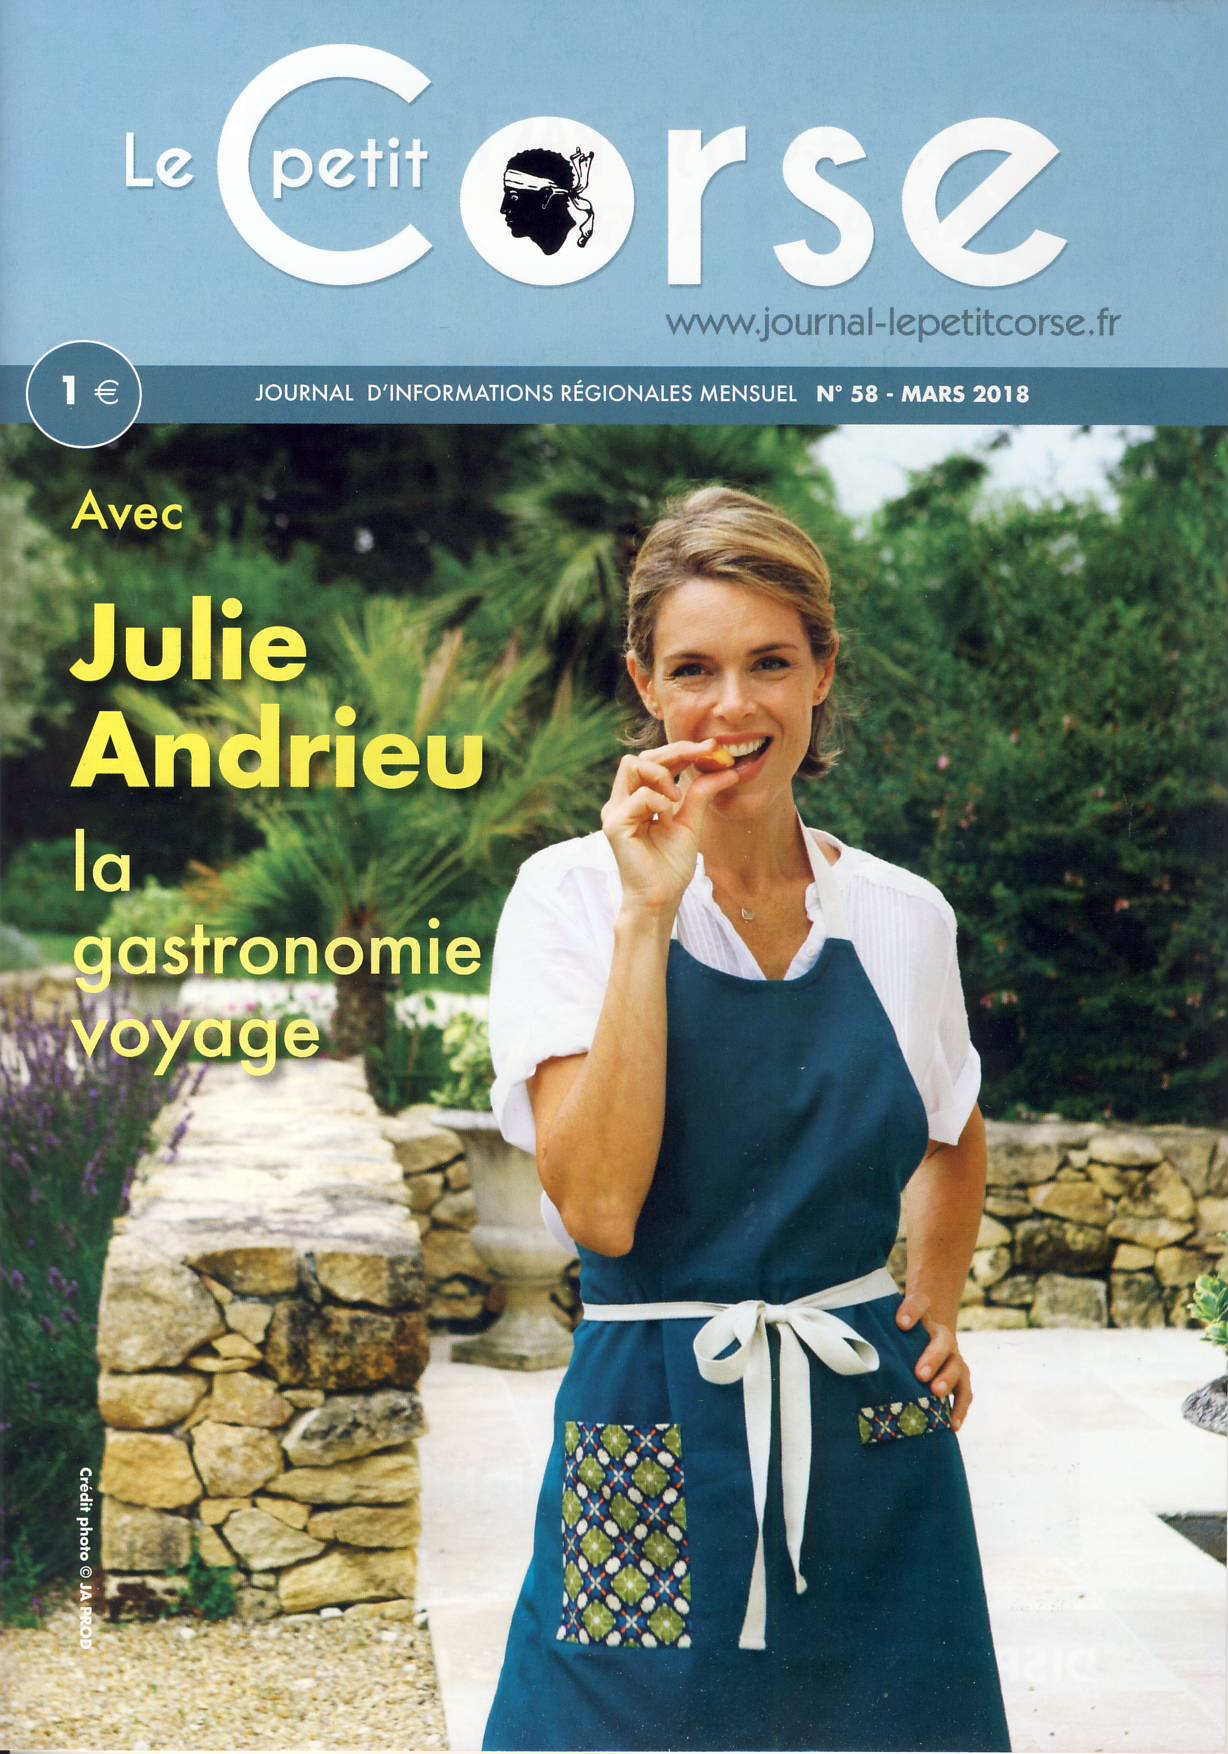 LE PETIT CORSE – Avec Julie Andrieu, la gastronomie voyage